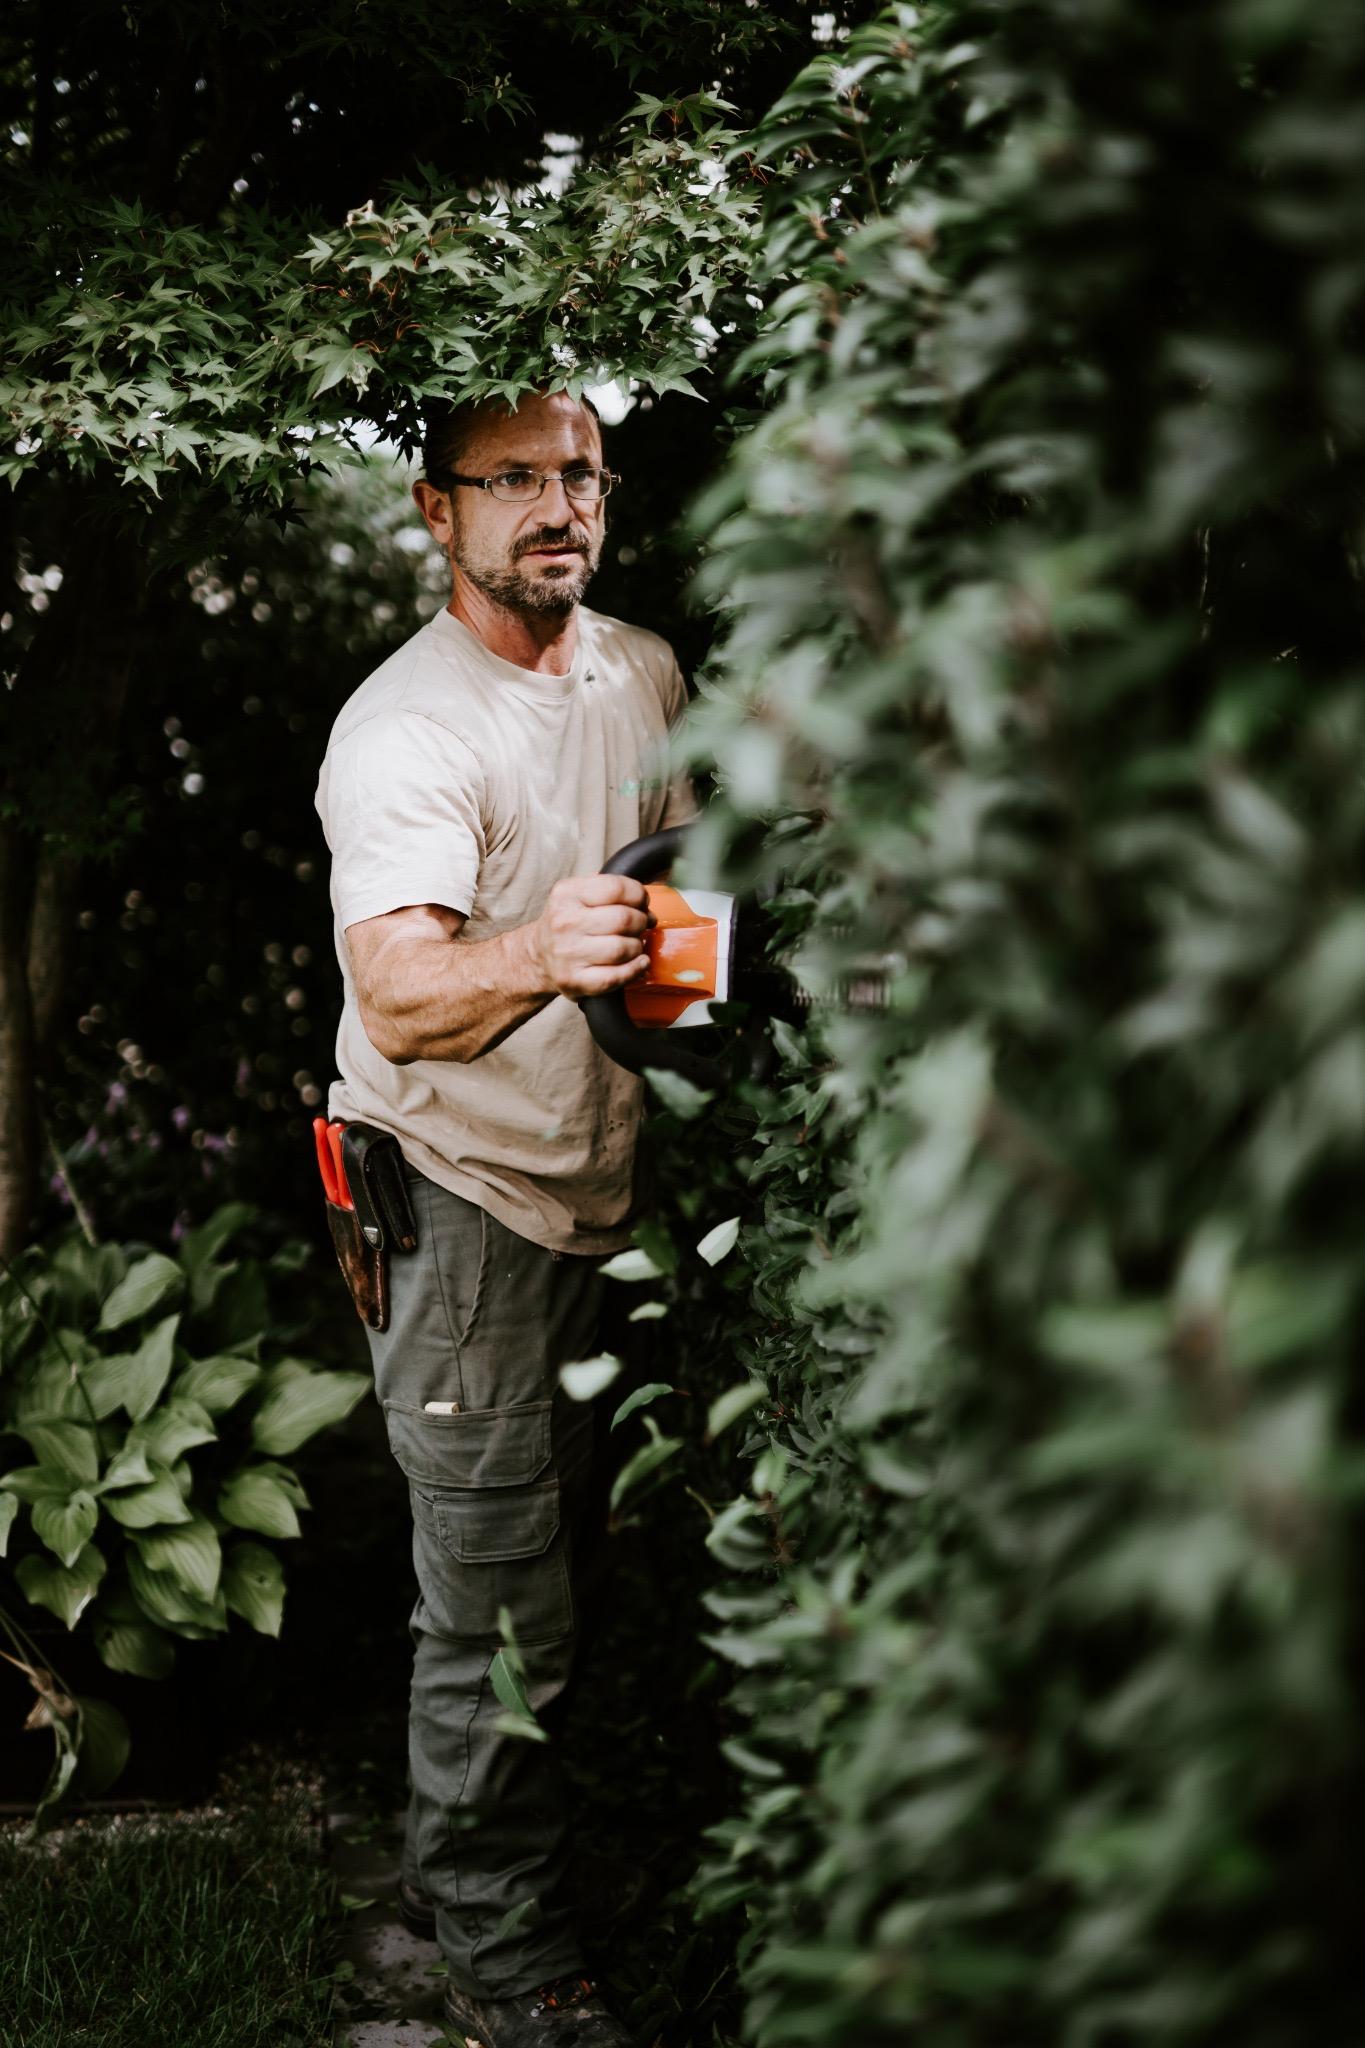 Unterhalt mit geräuscharmen Gartengeräten ohne Abgase